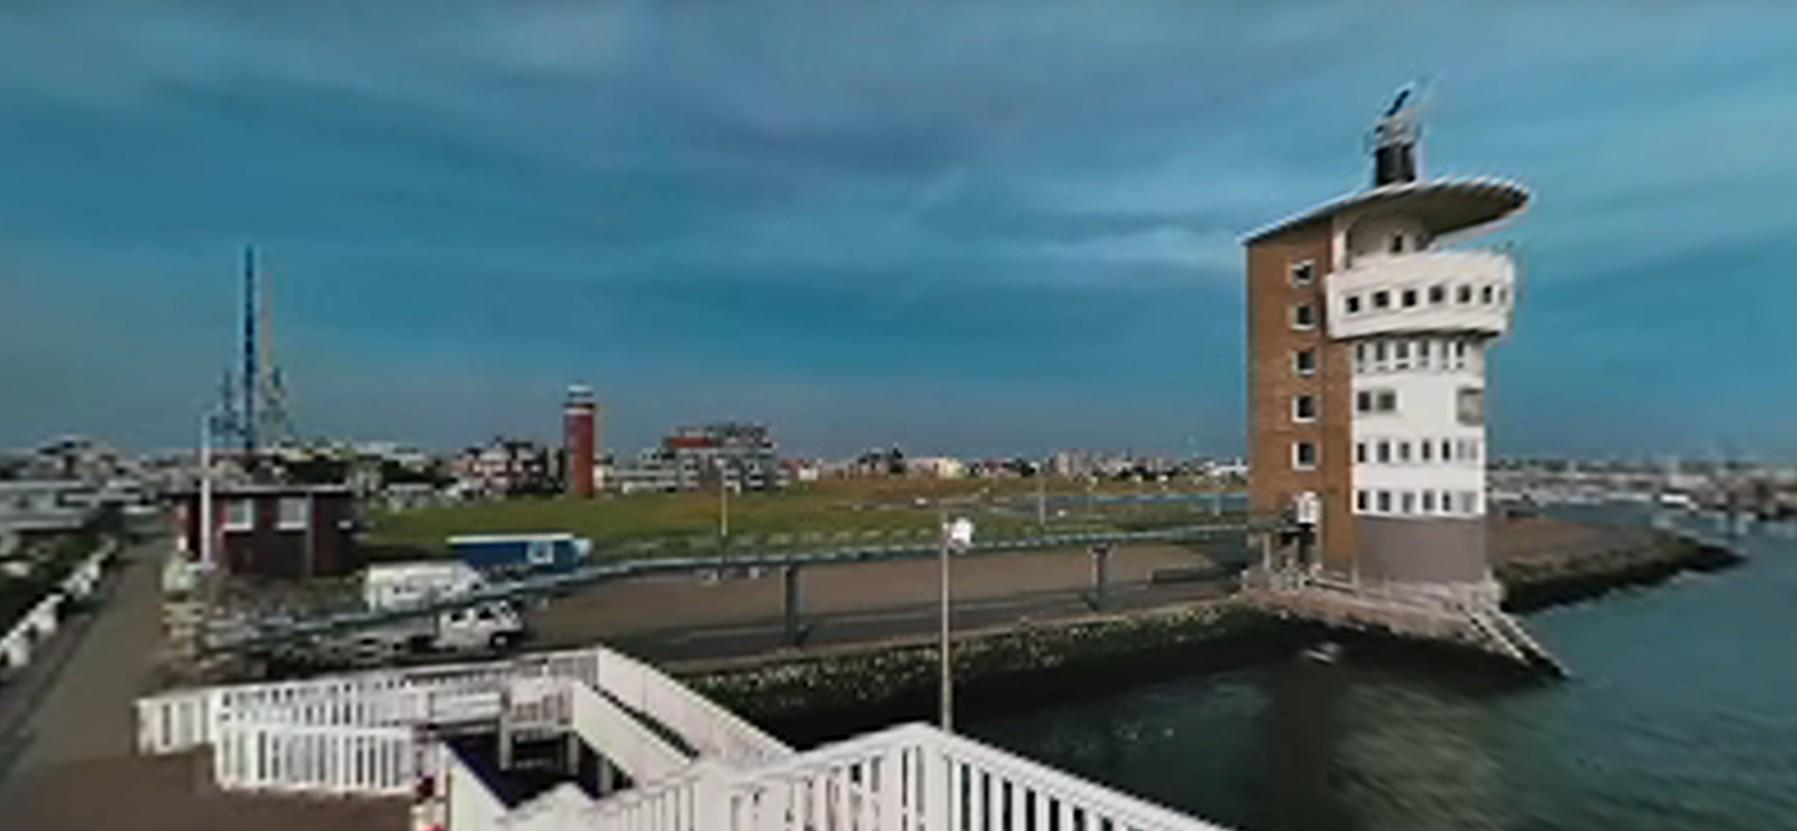 Alte Liebe Cuxhaven - Aussichtsplattform Alte Liebe Cuxhaven | 360° Video Cuxhaven Alte Liebe